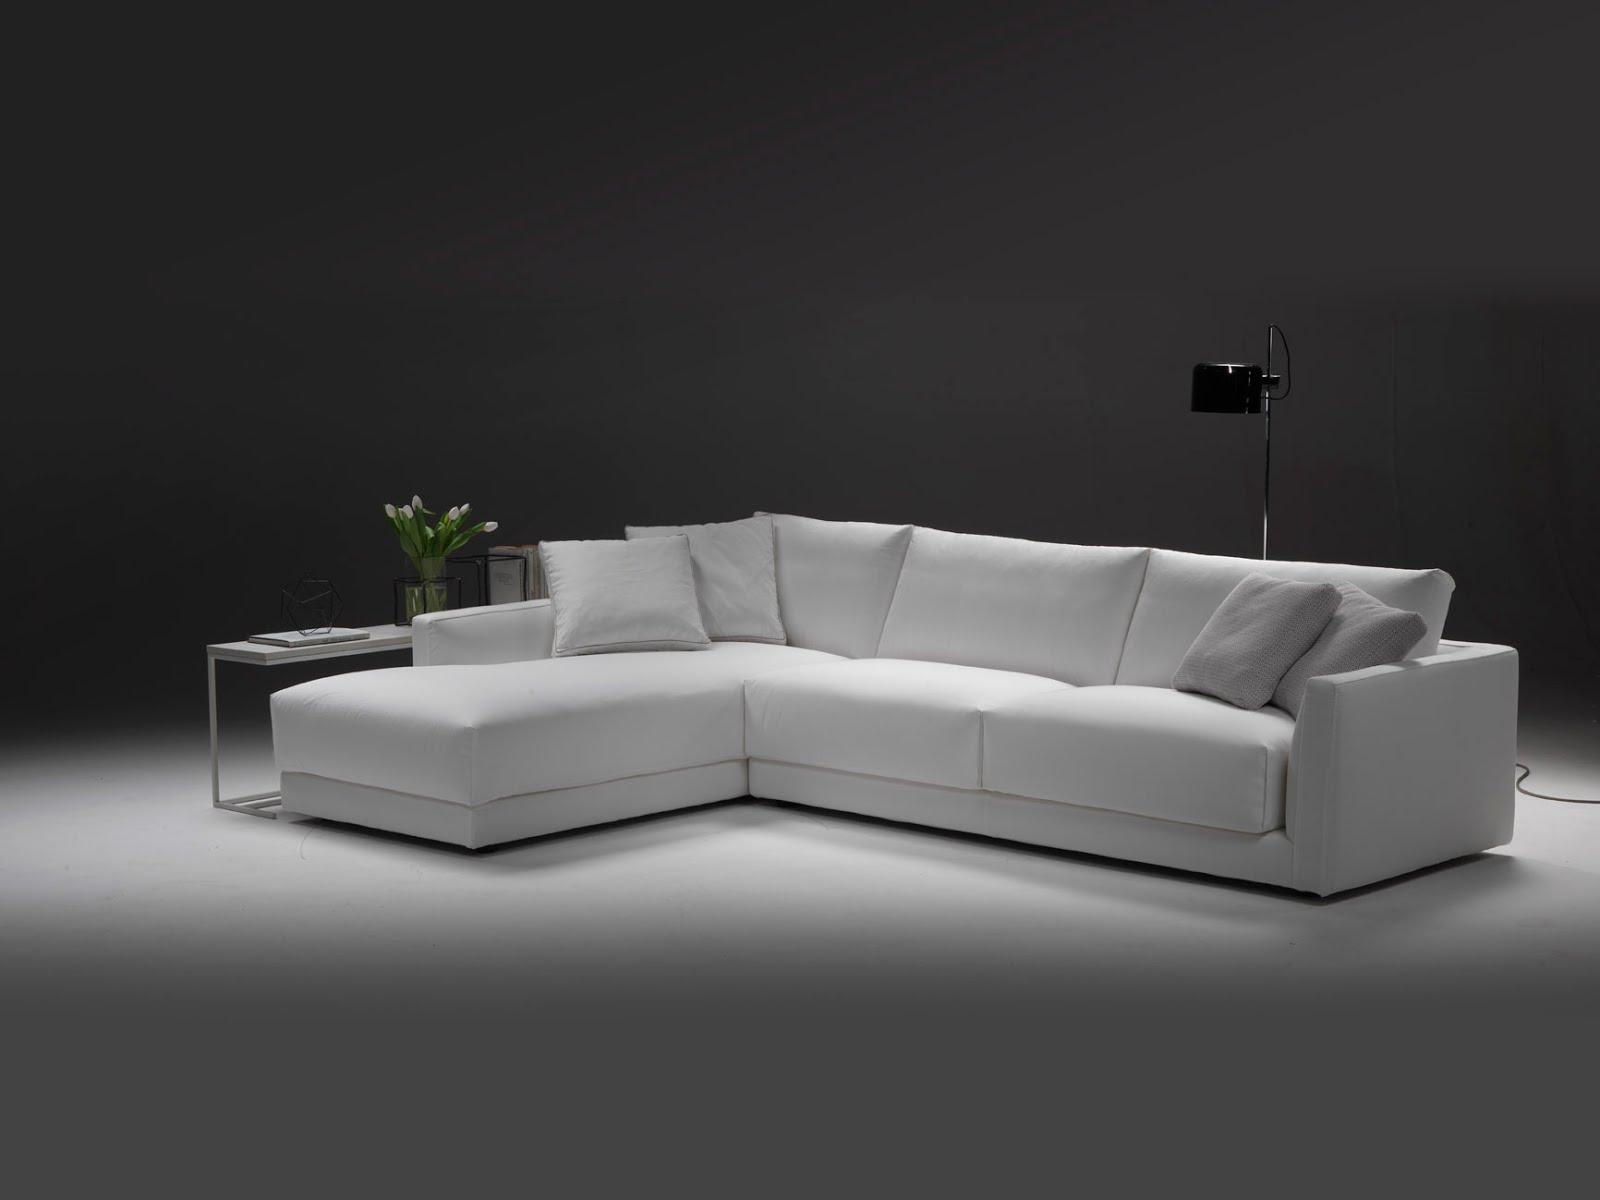 Fotogallery 5 divani con chaise longue per tutti i gusti for Divani moderni con chaise longue